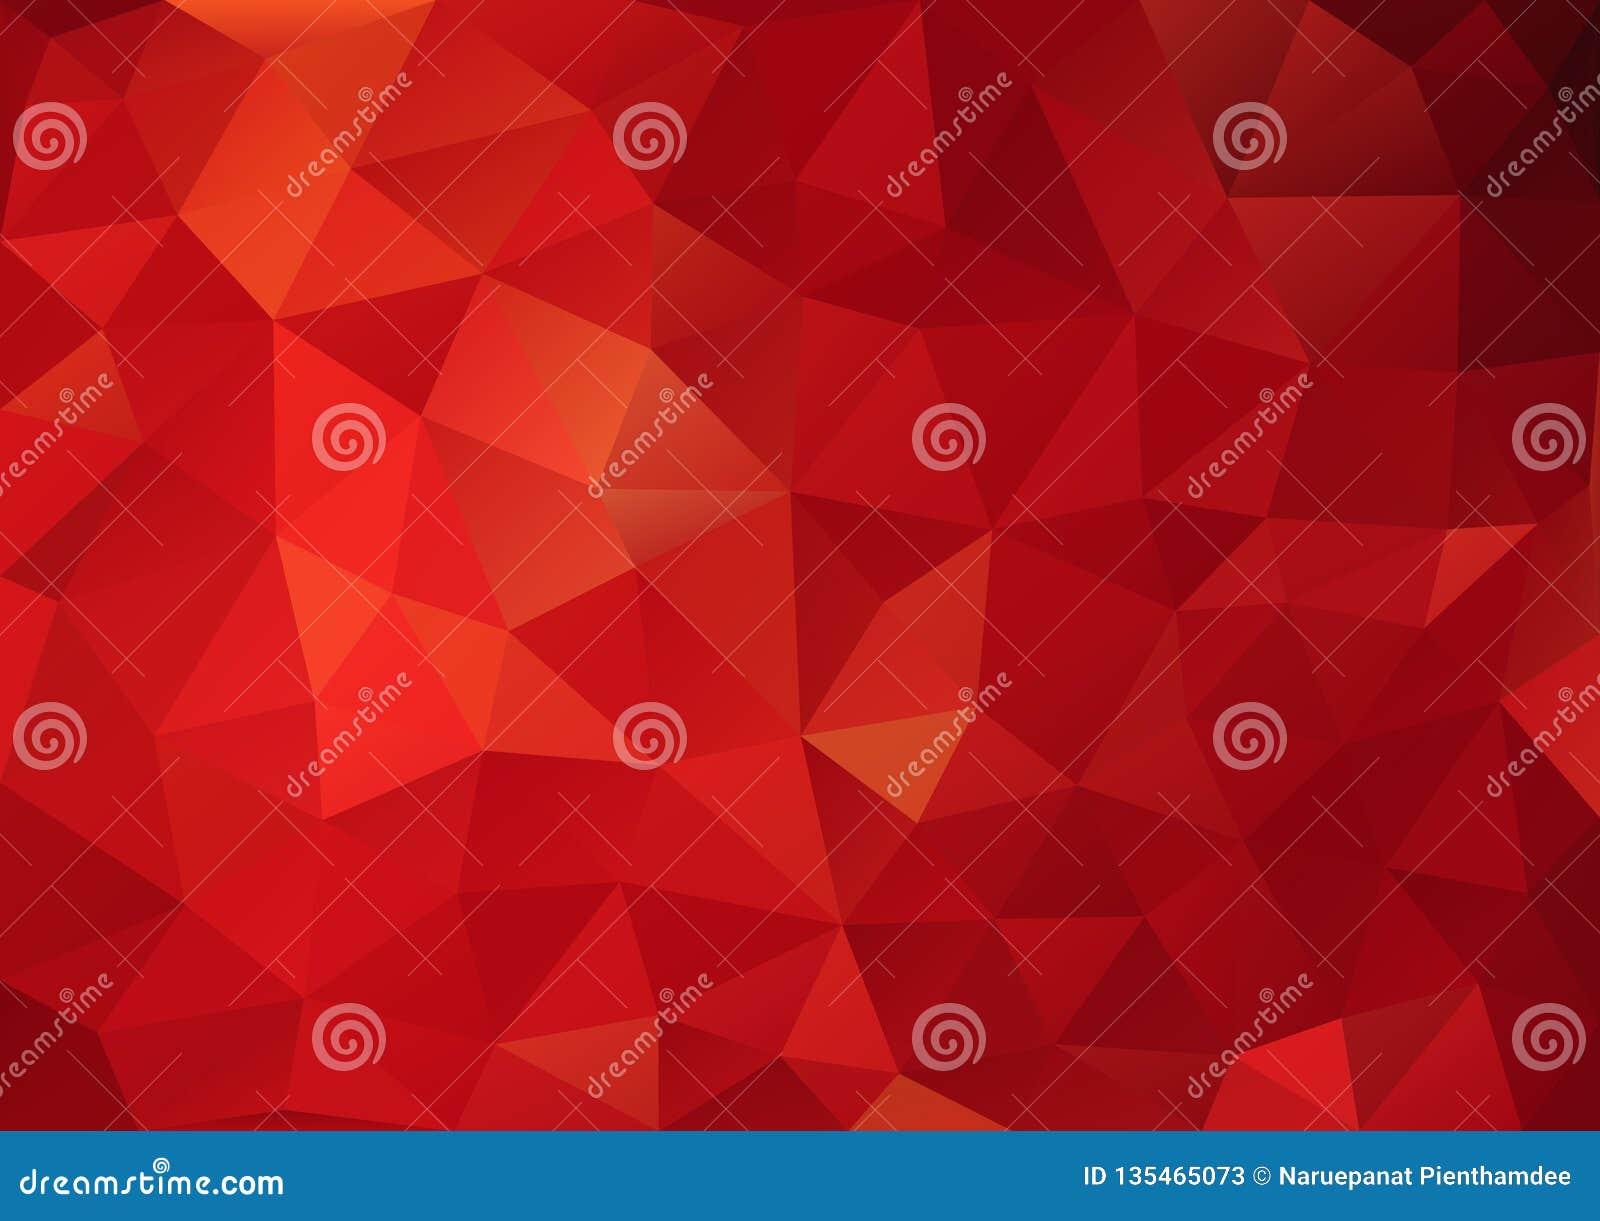 Geometrische patroon rode kleur